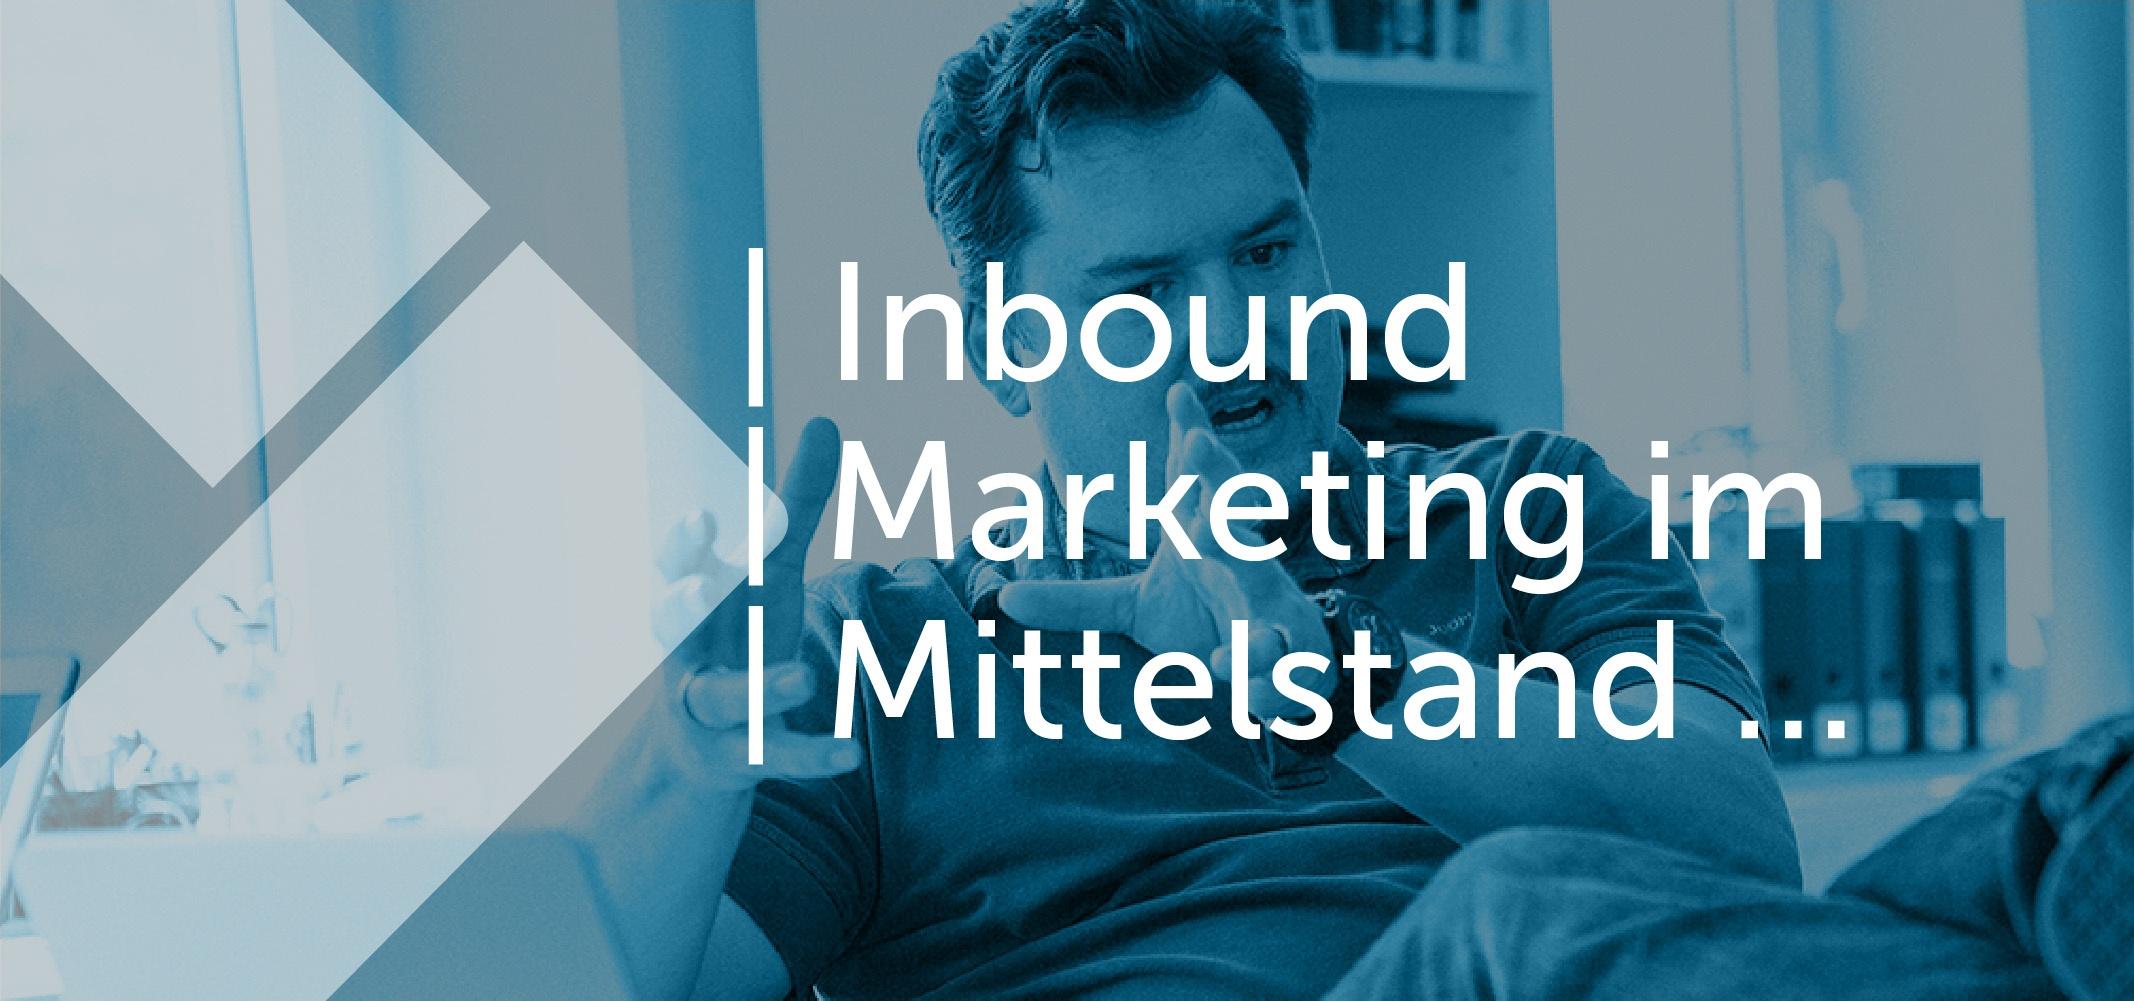 inbound-marketing-im-mittelstand-nutzen.jpg